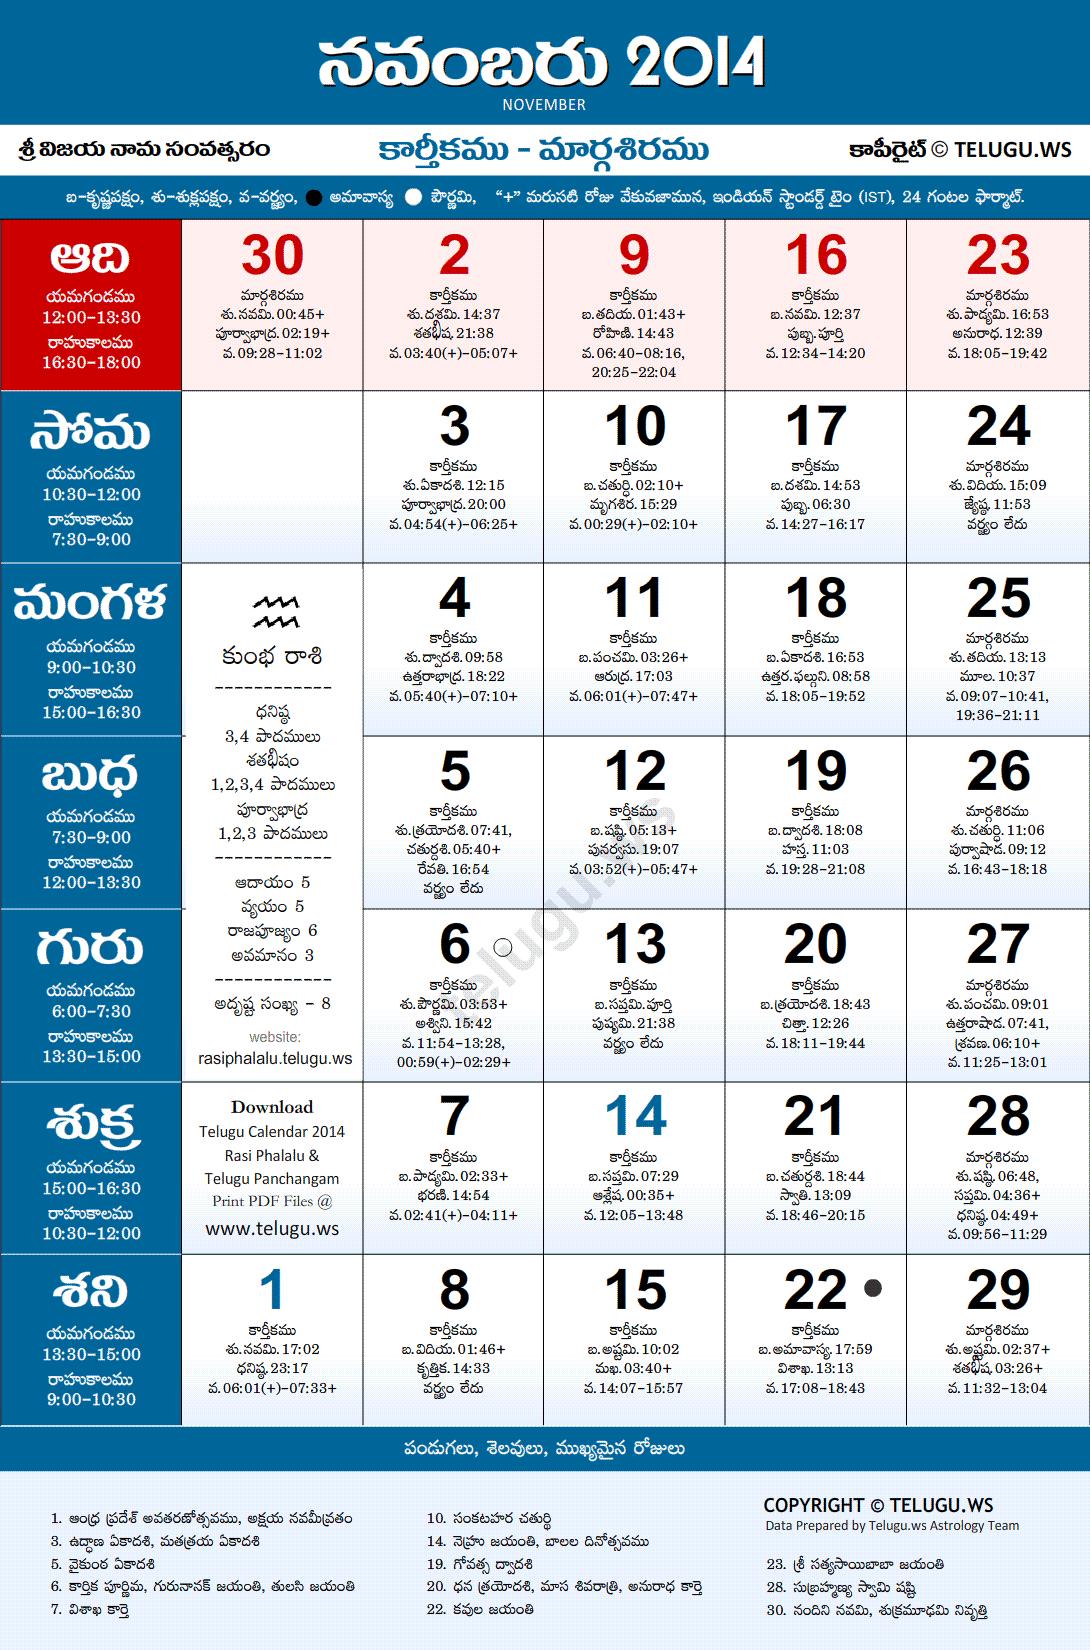 Telugu calendar 2014 march pdf print with festivals & holidays list.